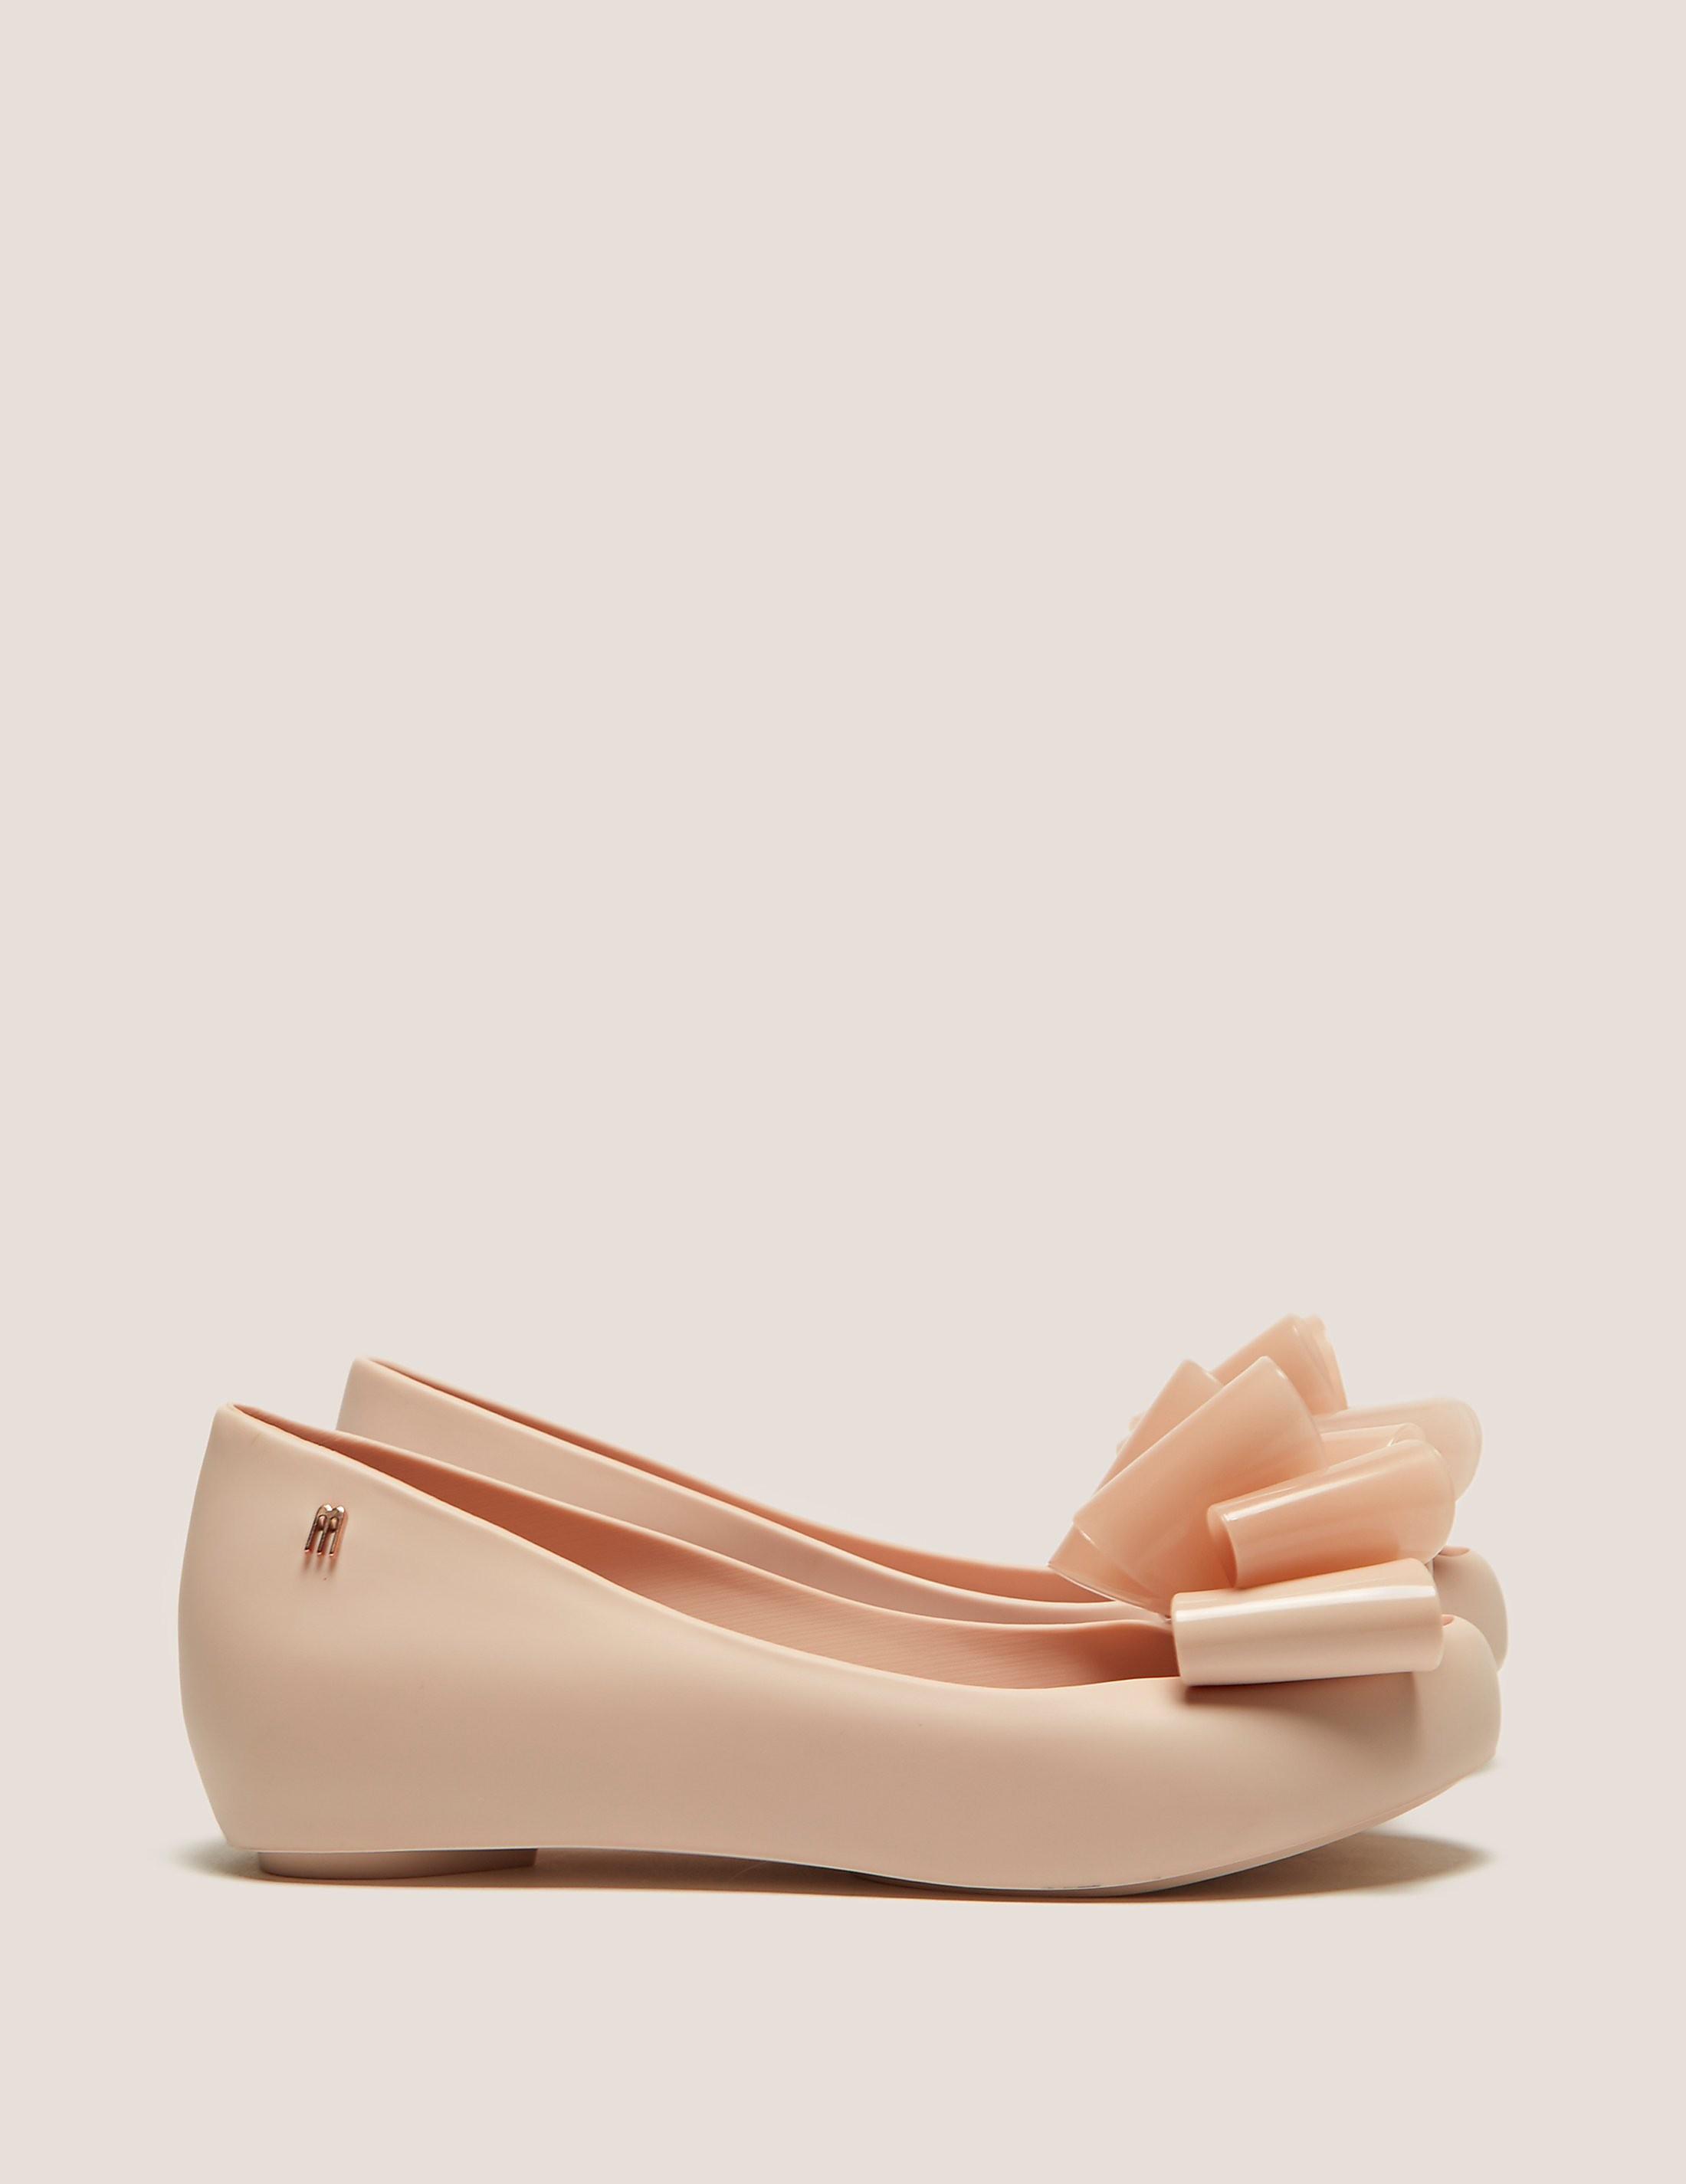 Melissa Ultragirl Twin Bow Ballet Pump